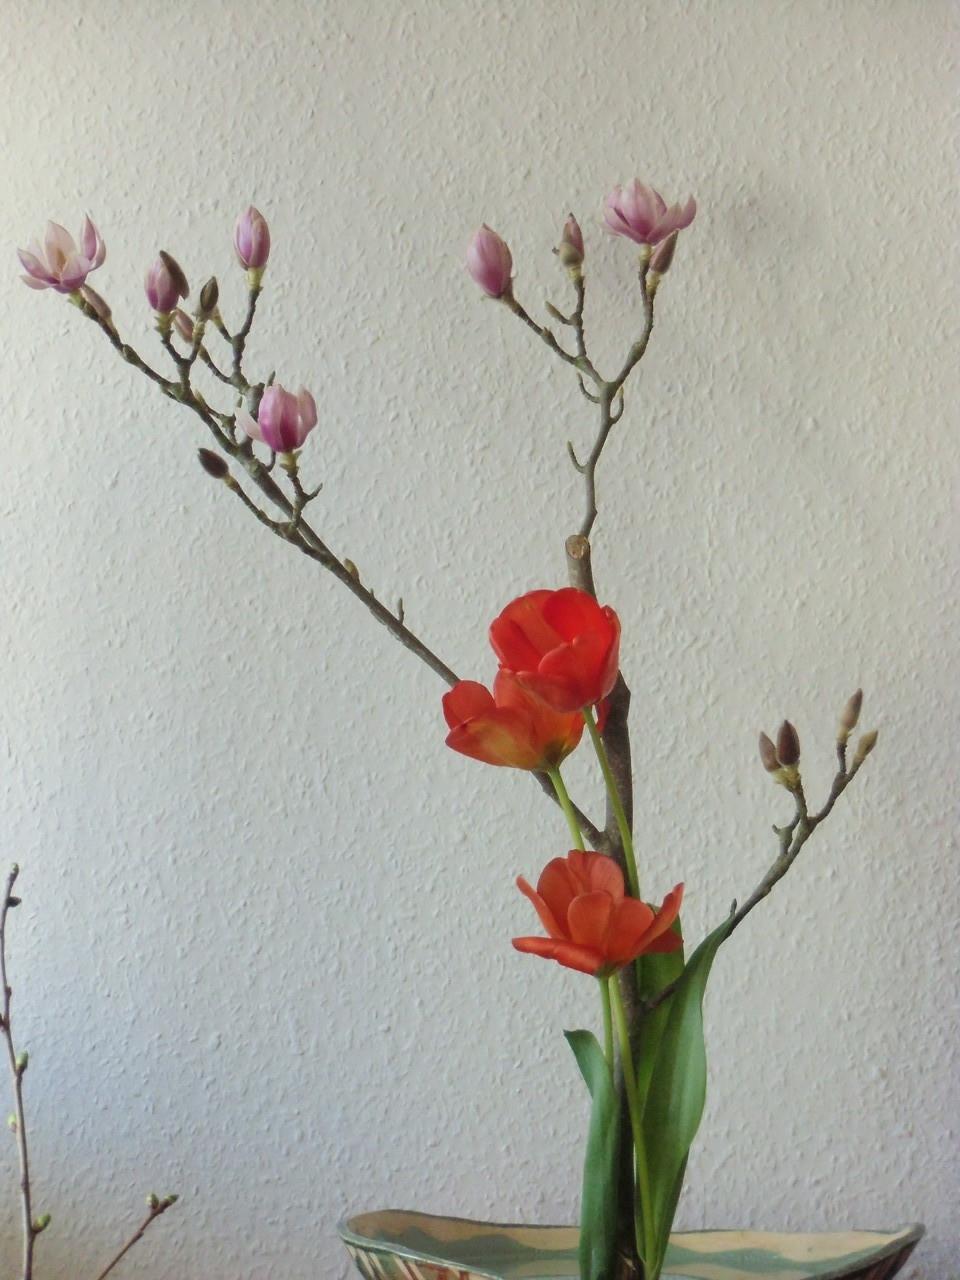 Magnolienzweige mit französischen Tulpen